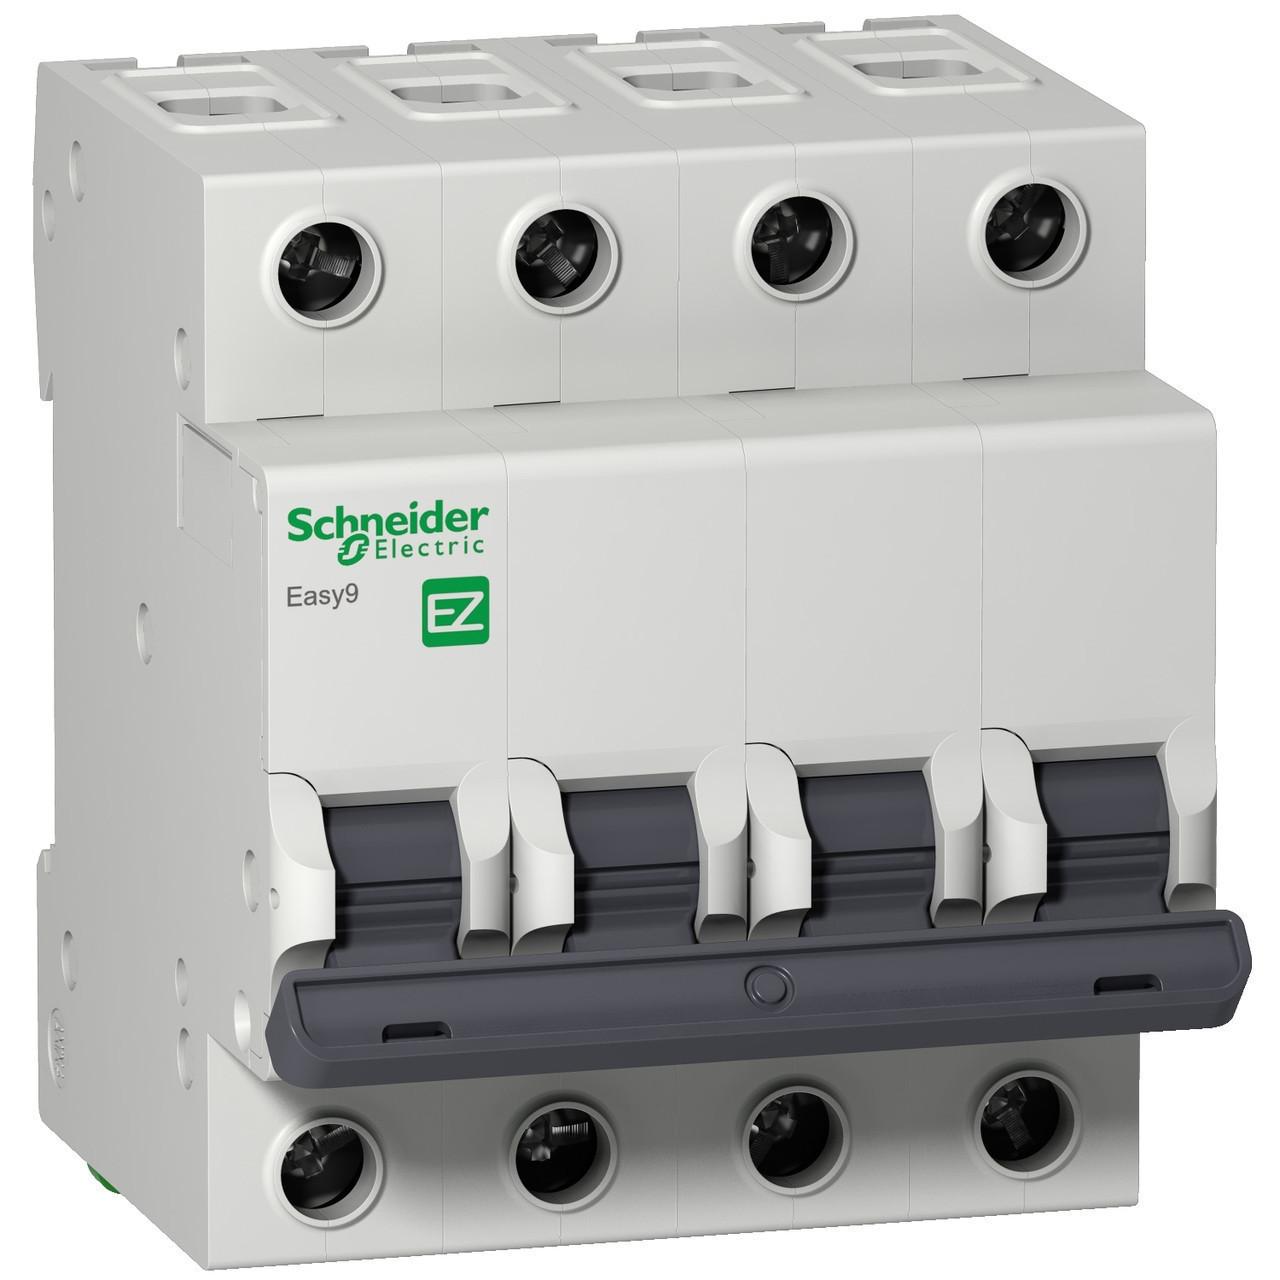 Автоматический выключатель EZ9F14432 Easy9 Schneider 4P, 32A, тип «B»